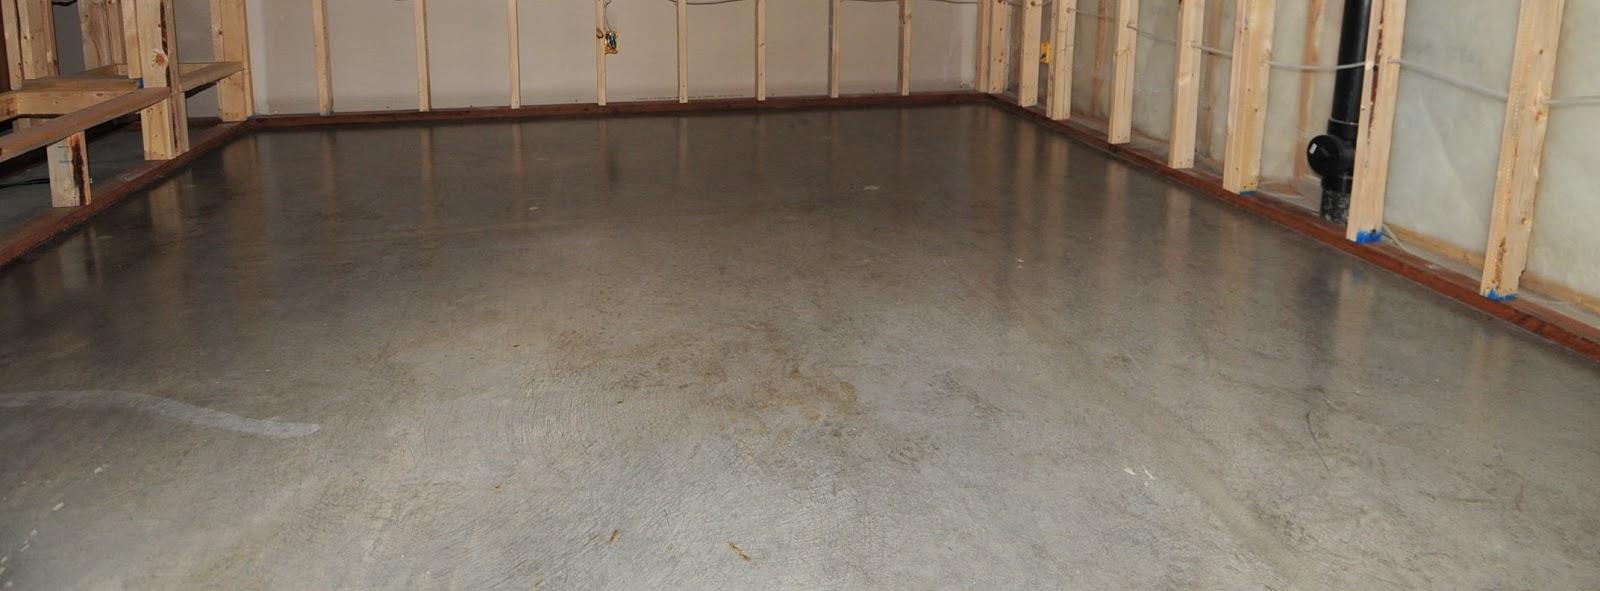 Penetrating Sealer For Basement Floor